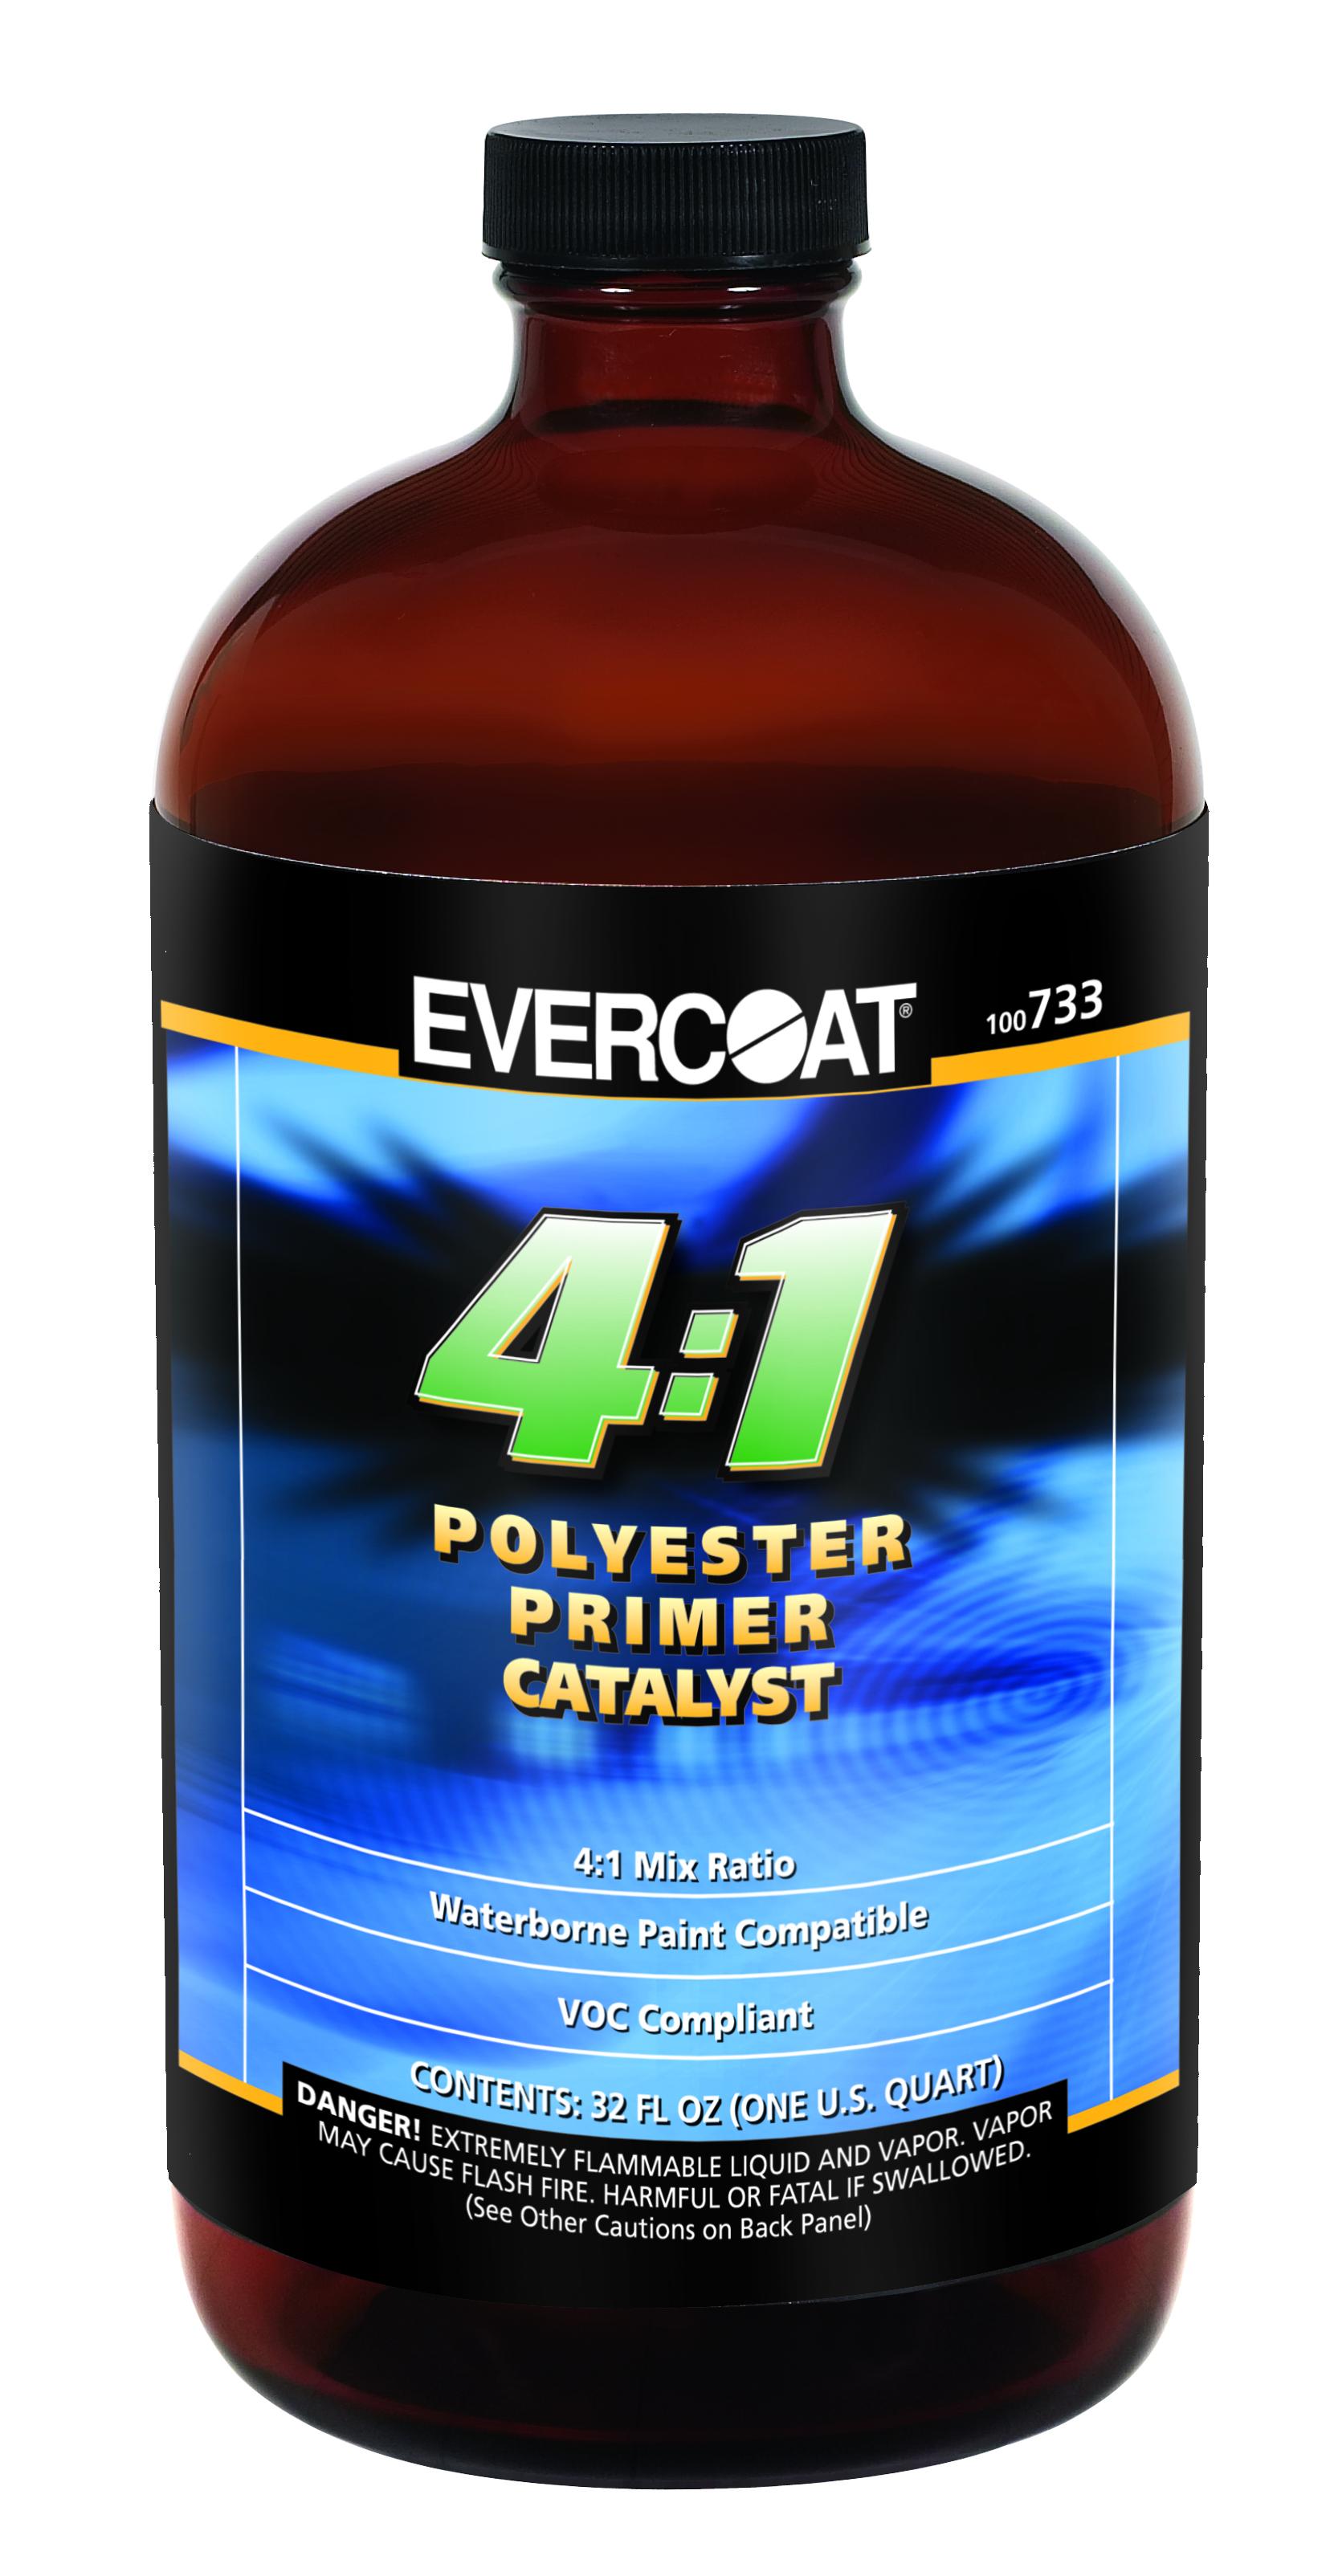 FIB-100733-Polyester-Primer-Catalyst